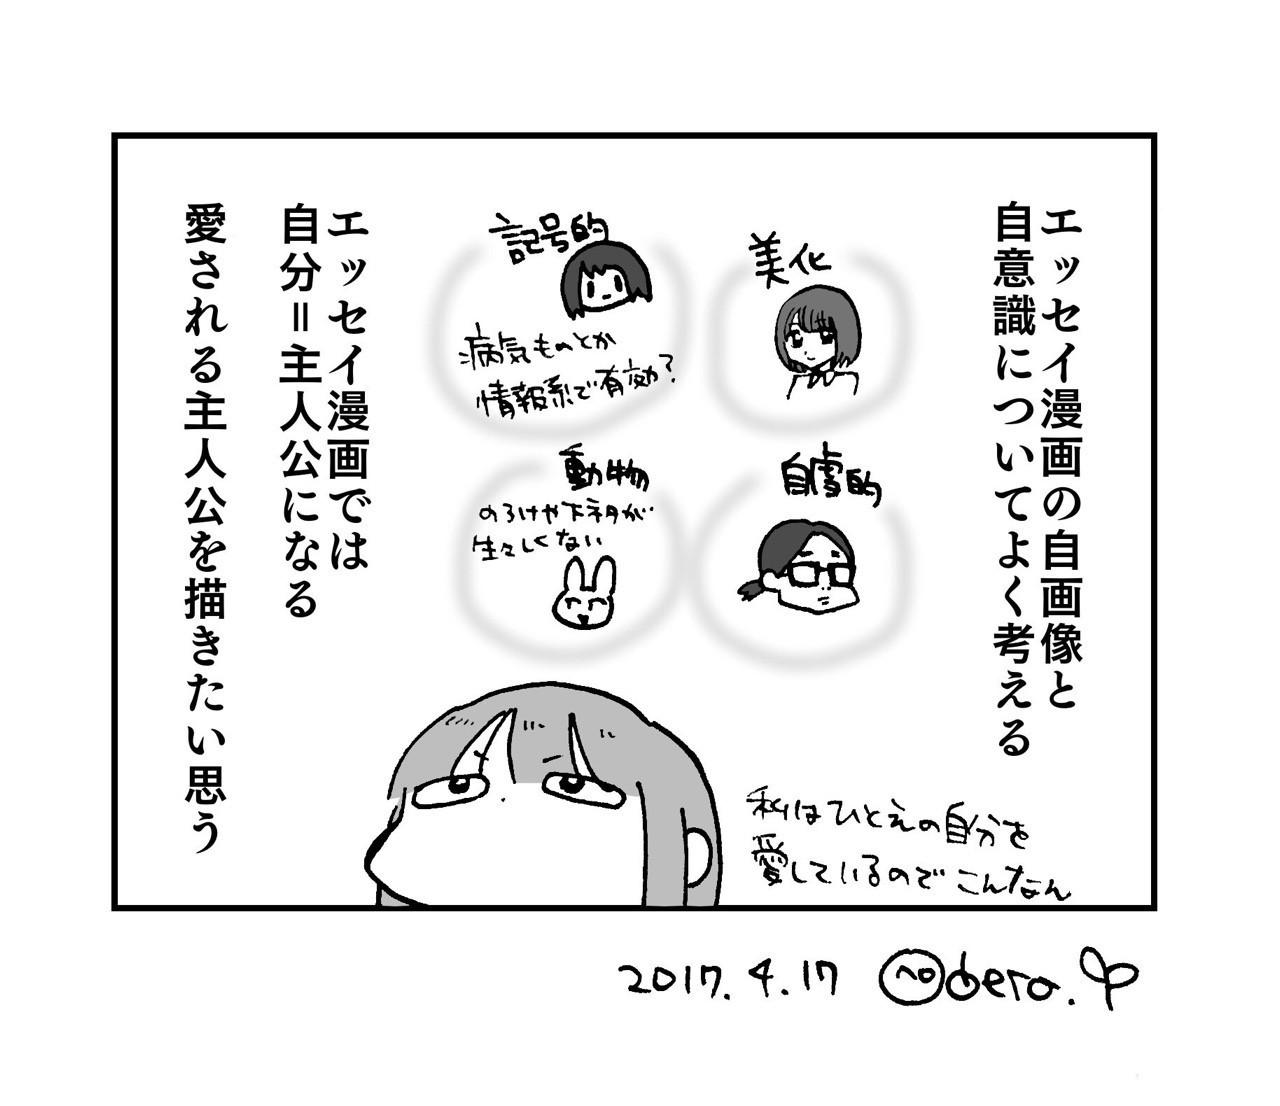 エッセイ漫画における自画像、自...